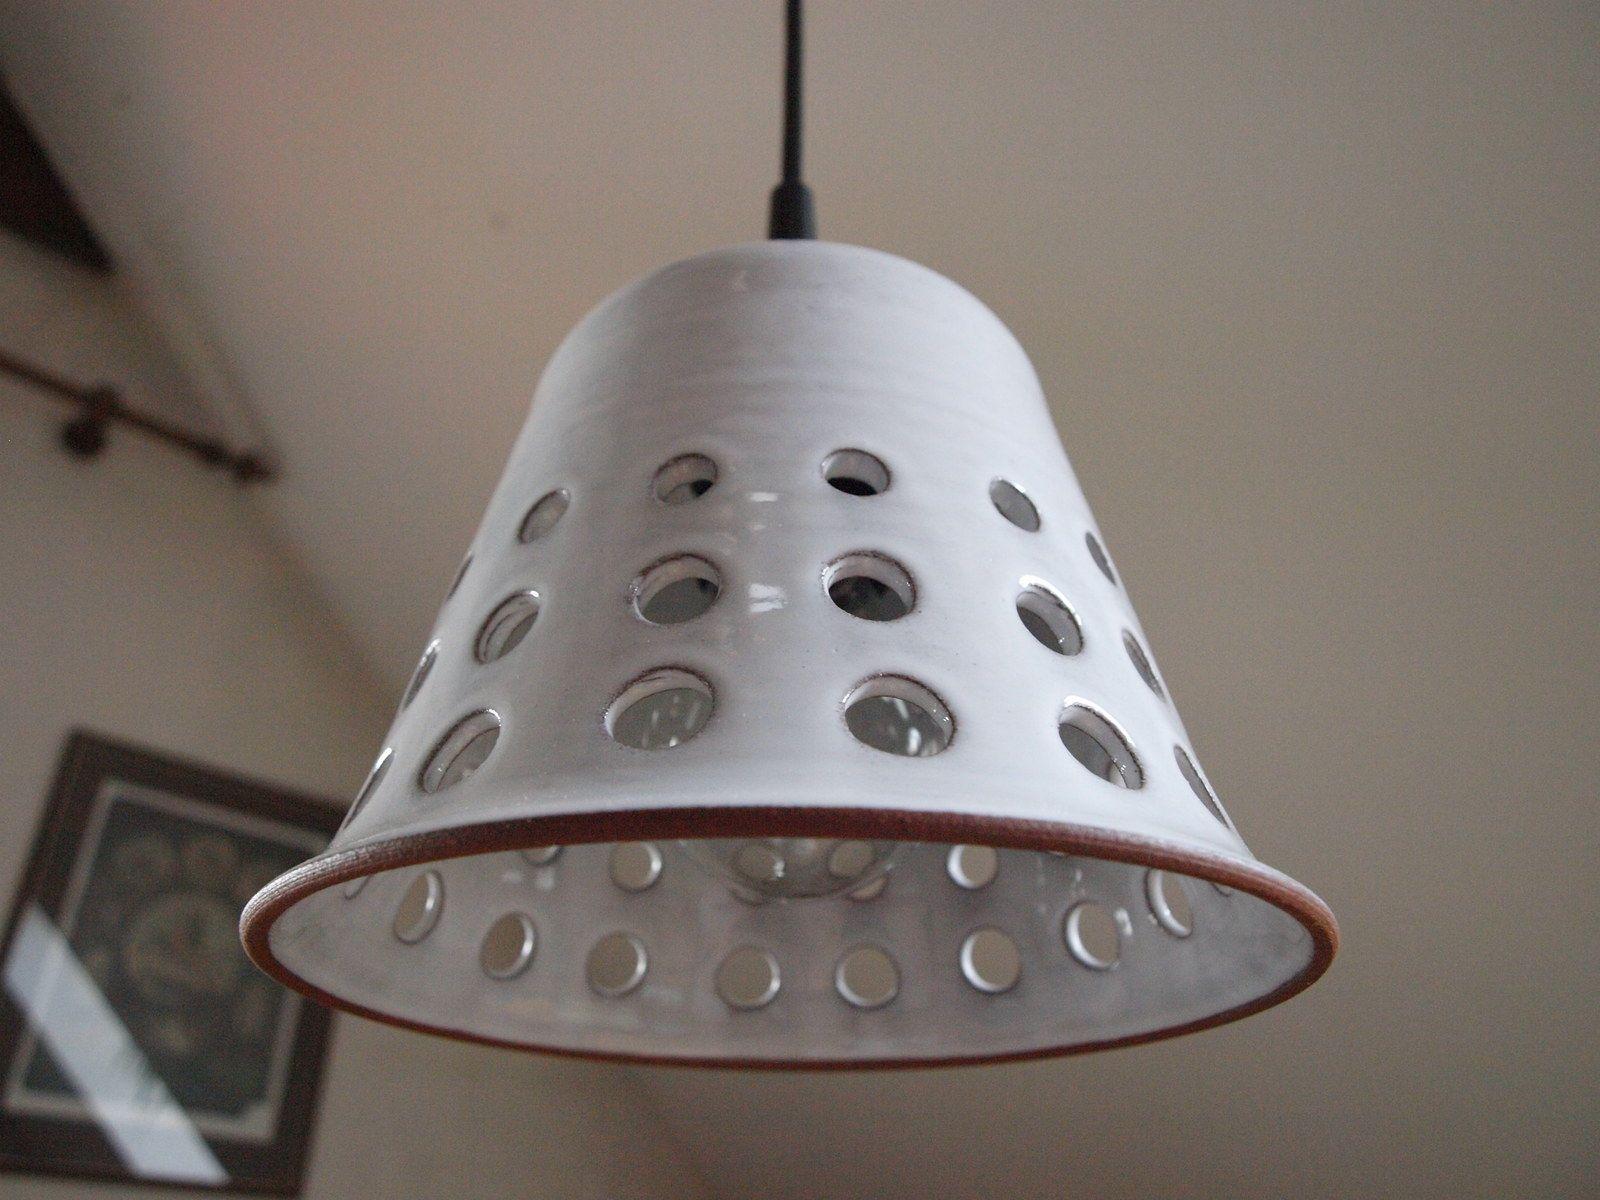 lustr keramický - WHITE BELL keramický lustr, průměr cca 17 cm, cena bez elektrické šňůry pokud byste upřednostňovali jinou barevnost, ozvěte se :)